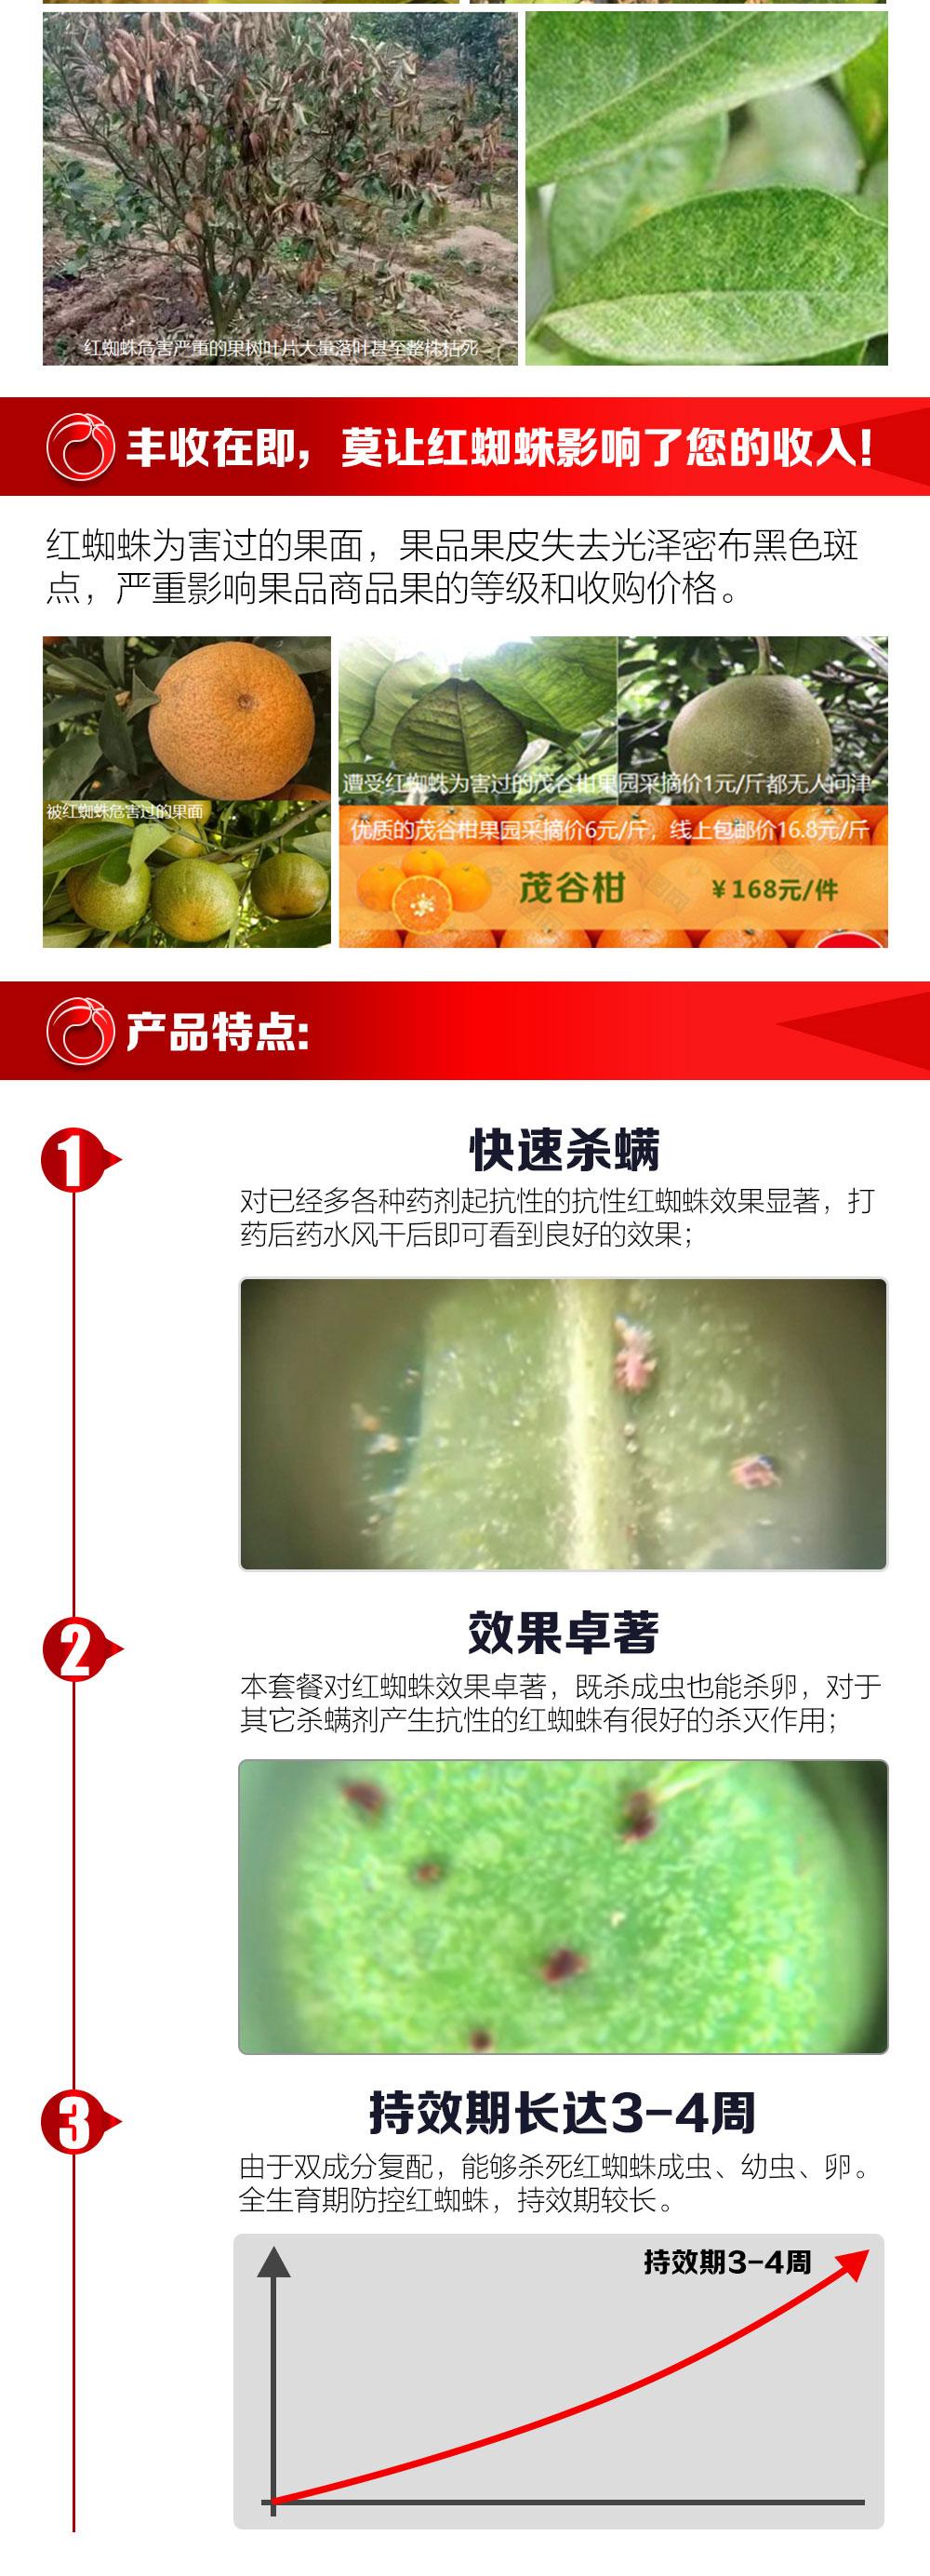 红蜘蛛快速杀灭商详_02.jpg